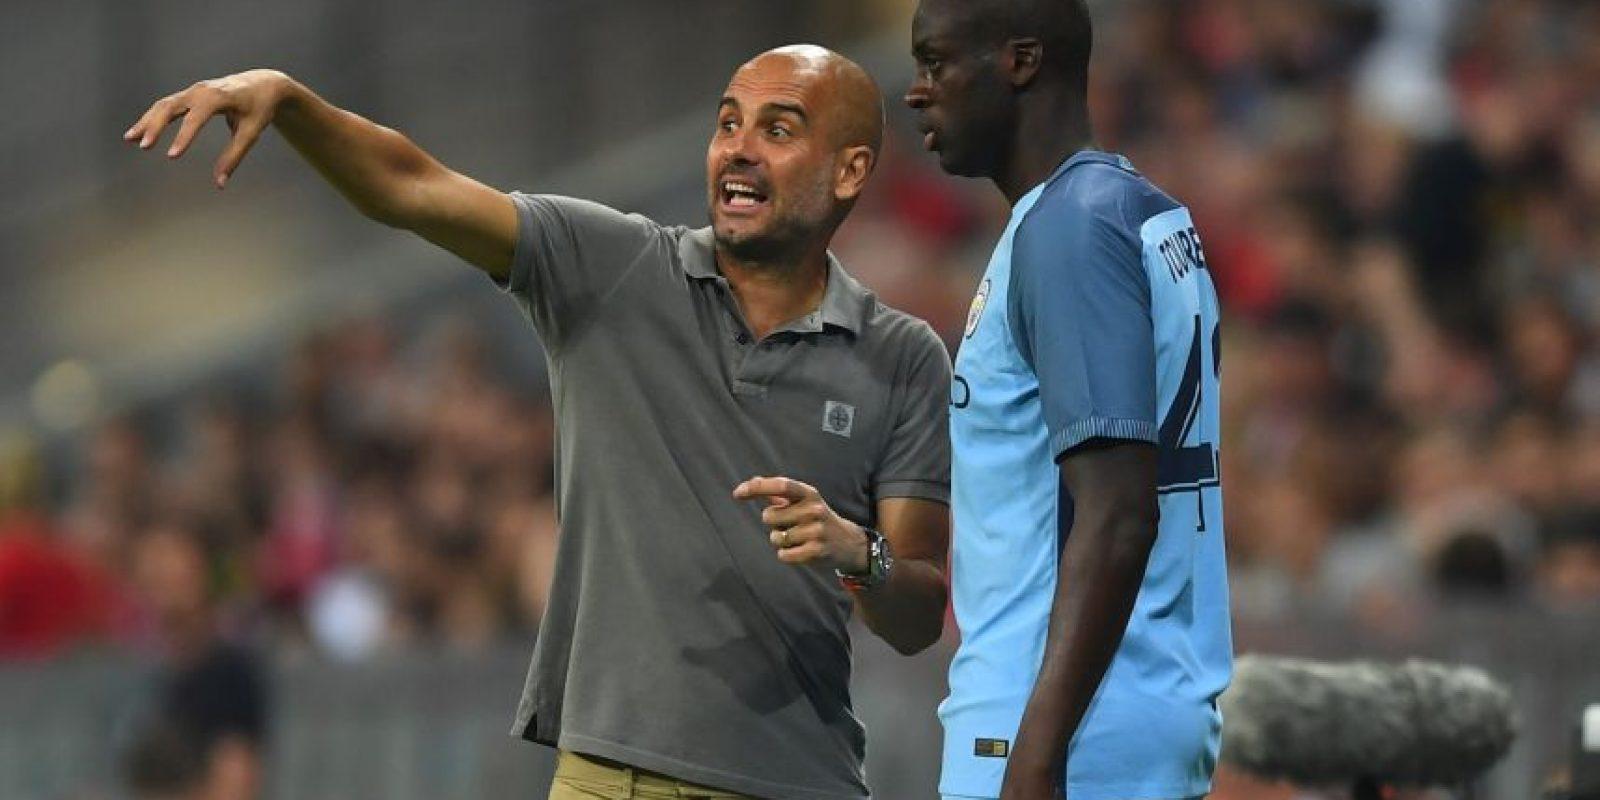 Yaya Touré (mediocampista): El marfileño tuvo una discusión con Pep Guardiola por culpa de su representante. El agente lanzó dardos contra el técnico y le costó el puesto al jugador. Foto:Getty Images